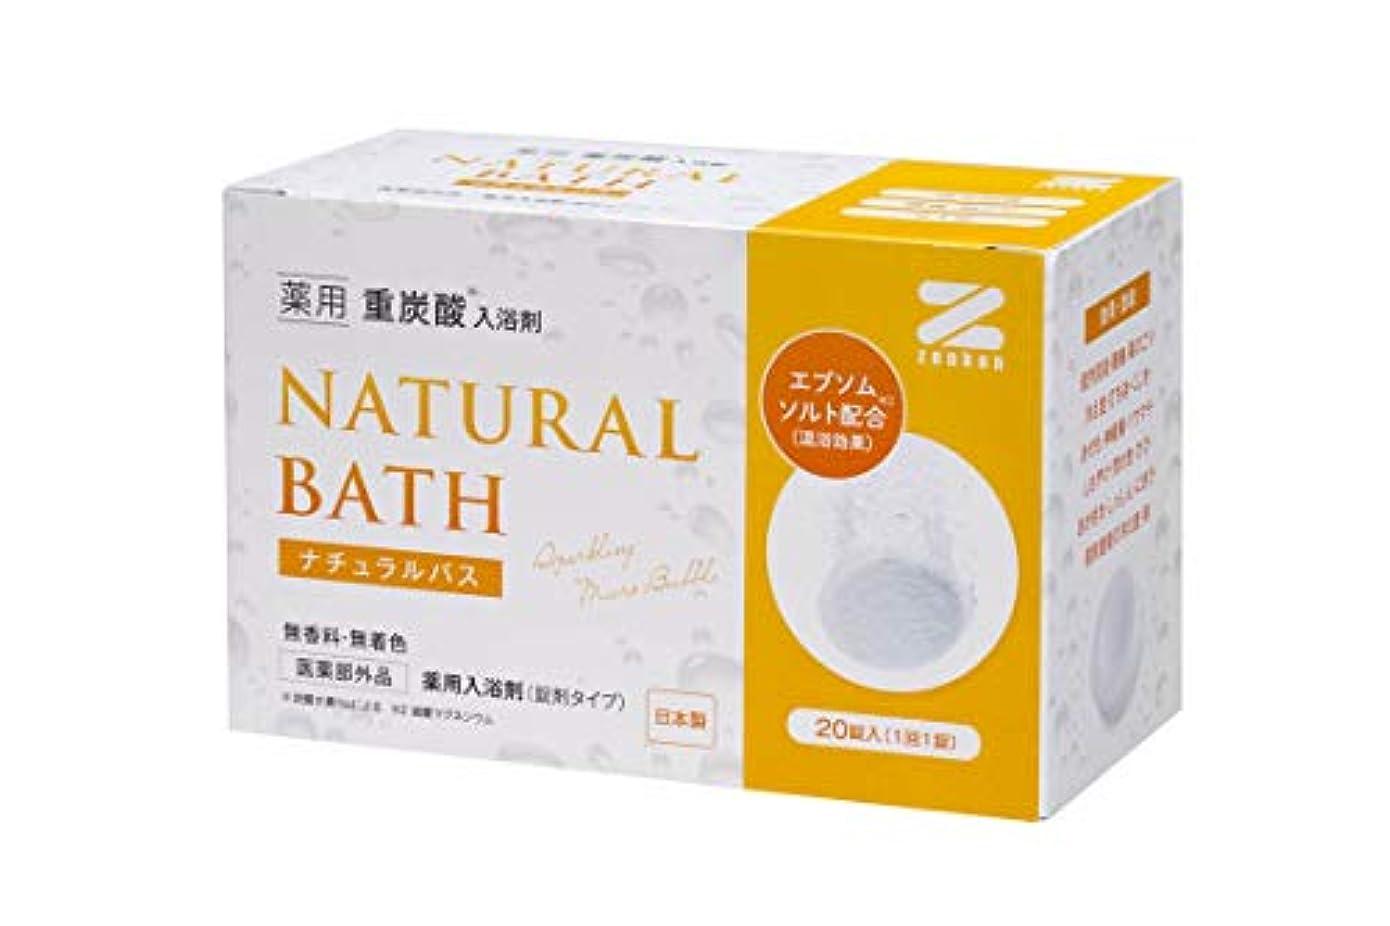 変形する特徴スーパー薬用 重炭酸入浴剤 ナチュラルバス 20個入り ZNB-20